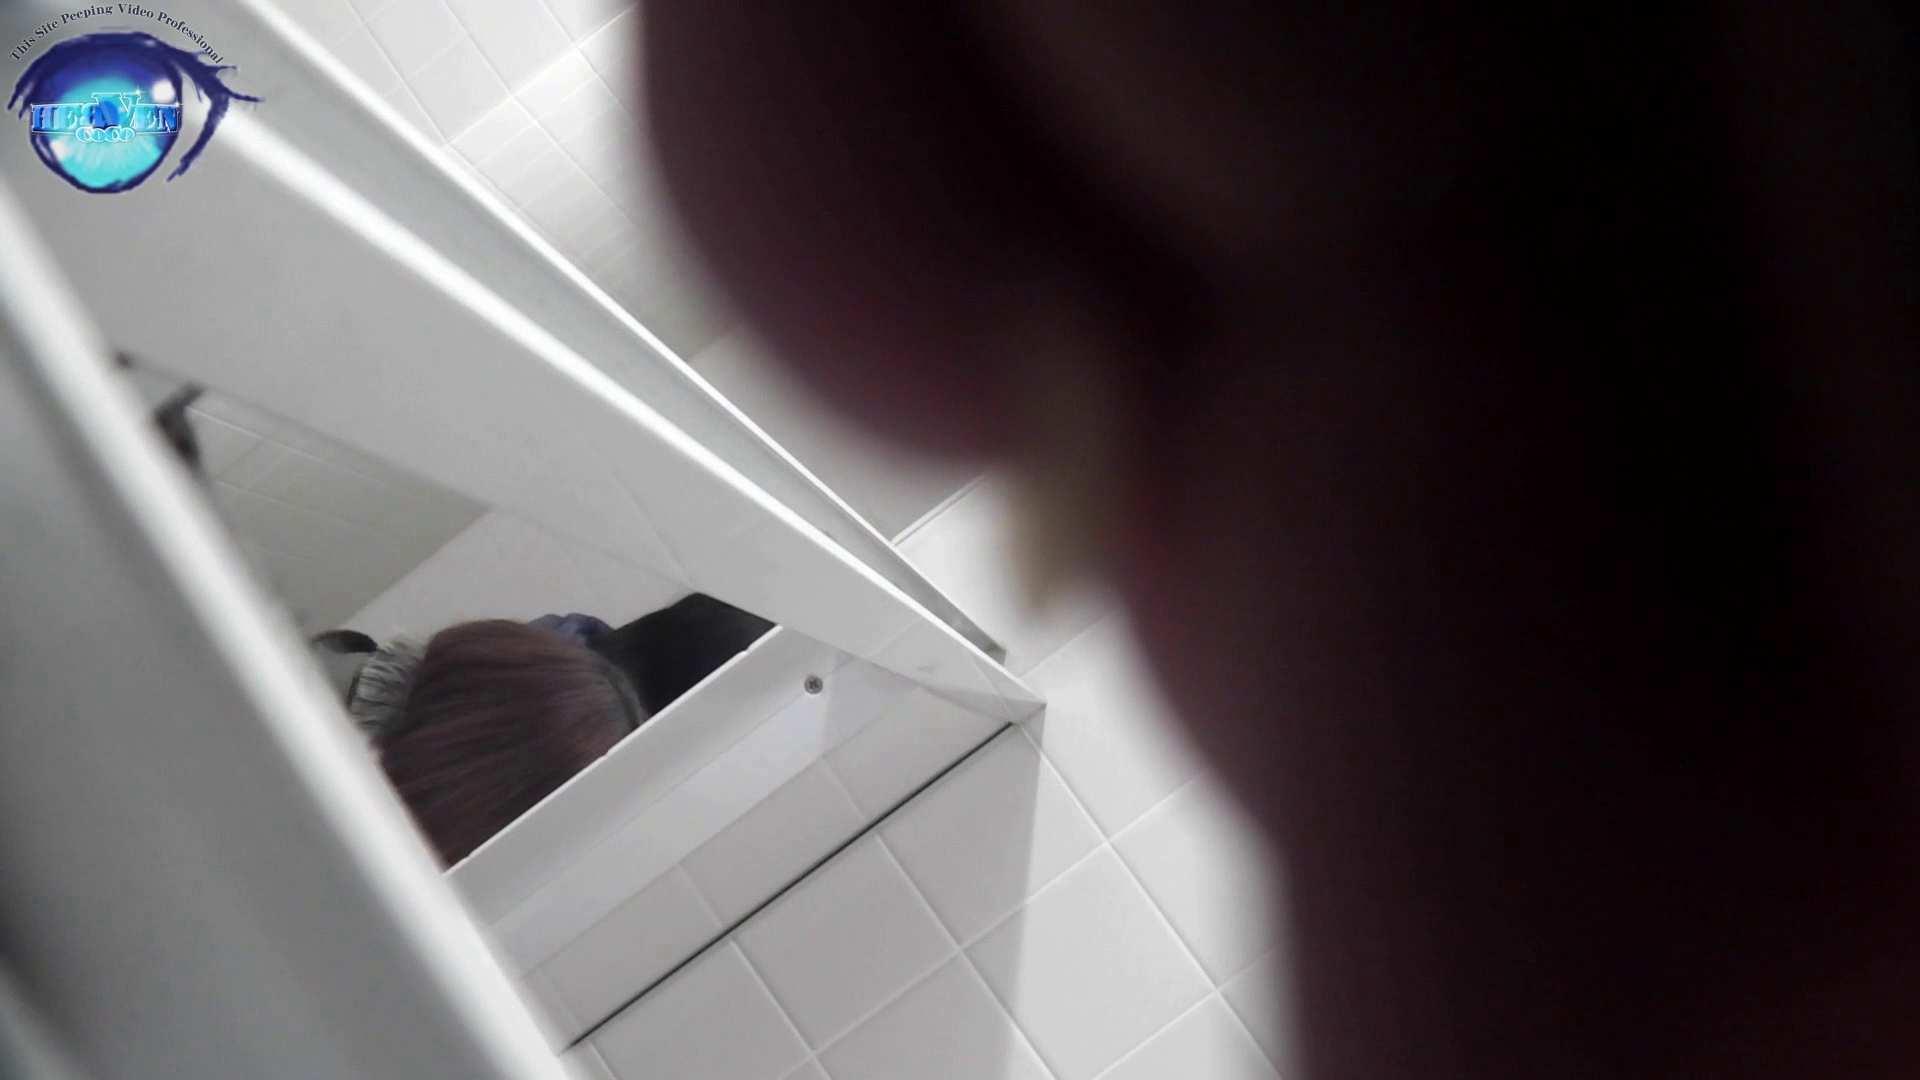 お銀さん vol.59 ピンチ!!「鏡の前で祈る女性」にばれる危機 前編 HなOL ヌード画像 96pic 38